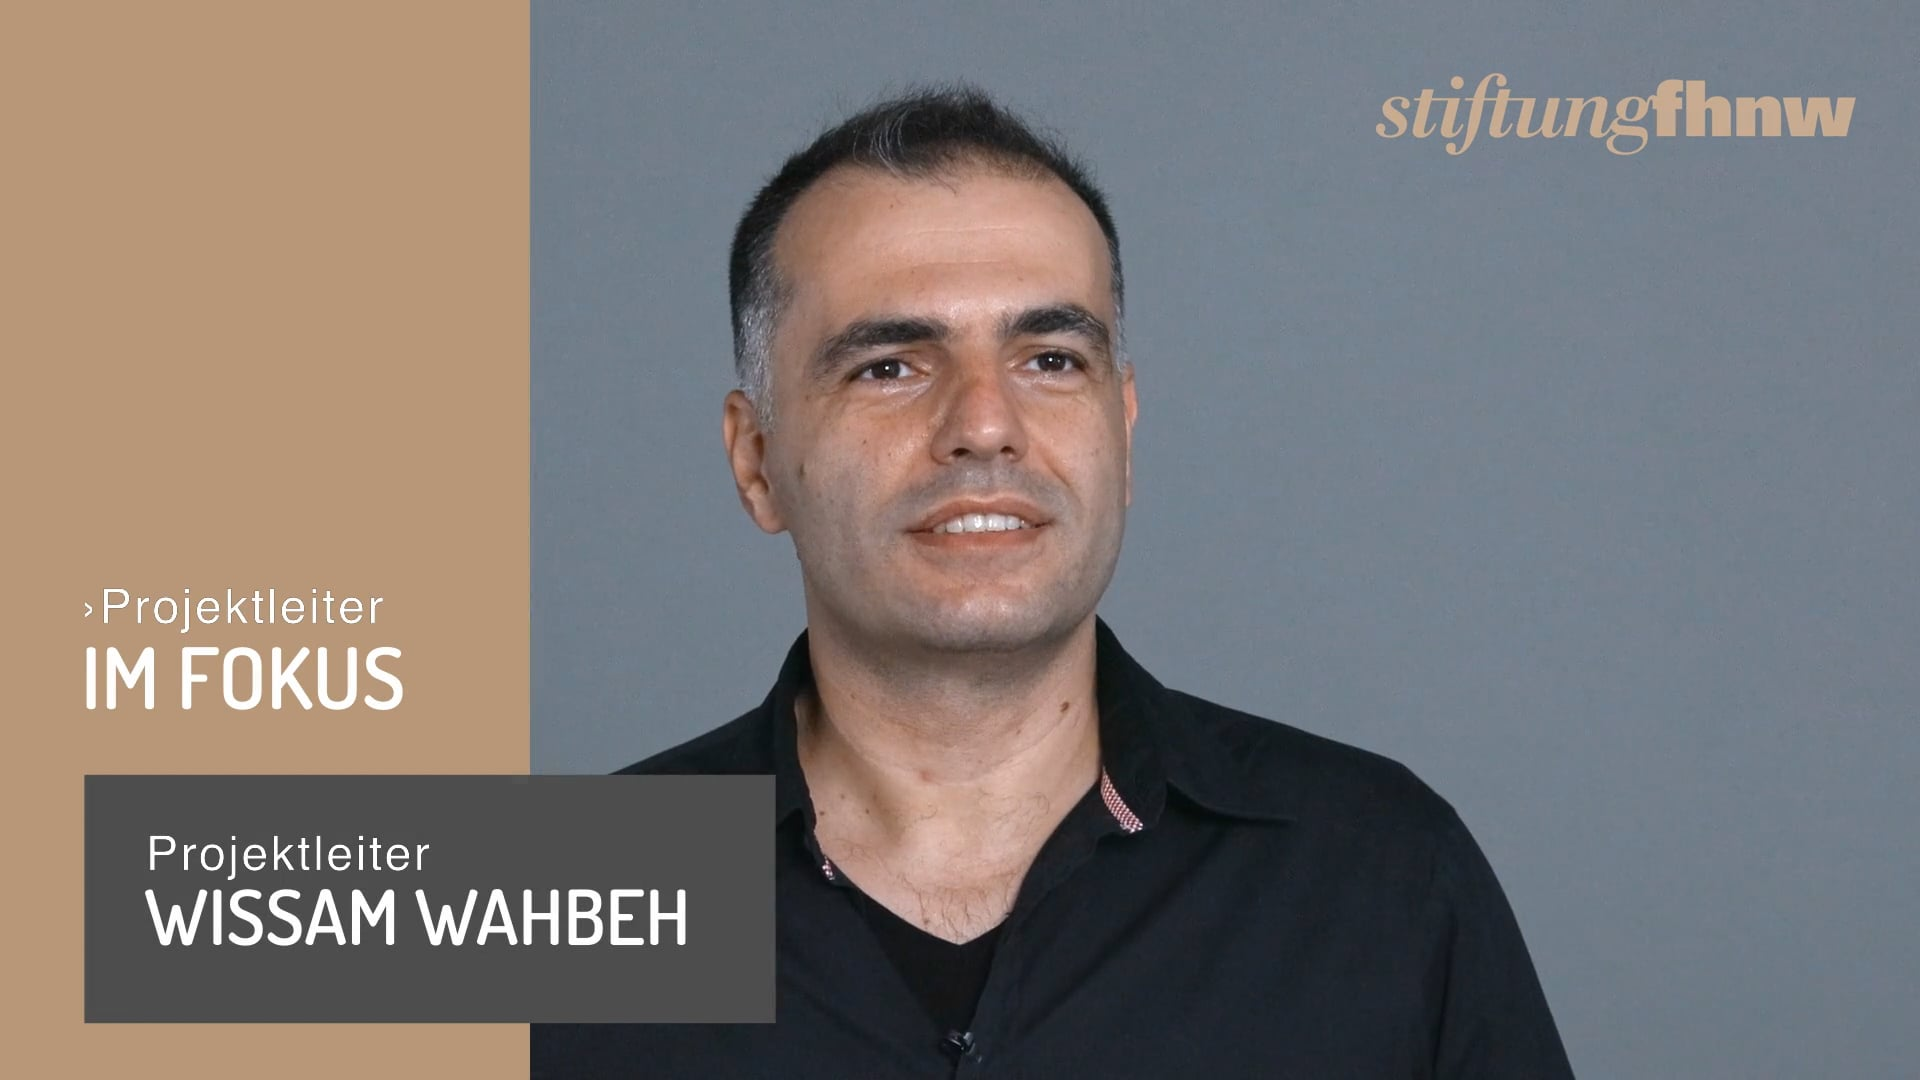 Projektleiter Wissam Wabeh – Zusammenarbeit – Stiftung FHNW